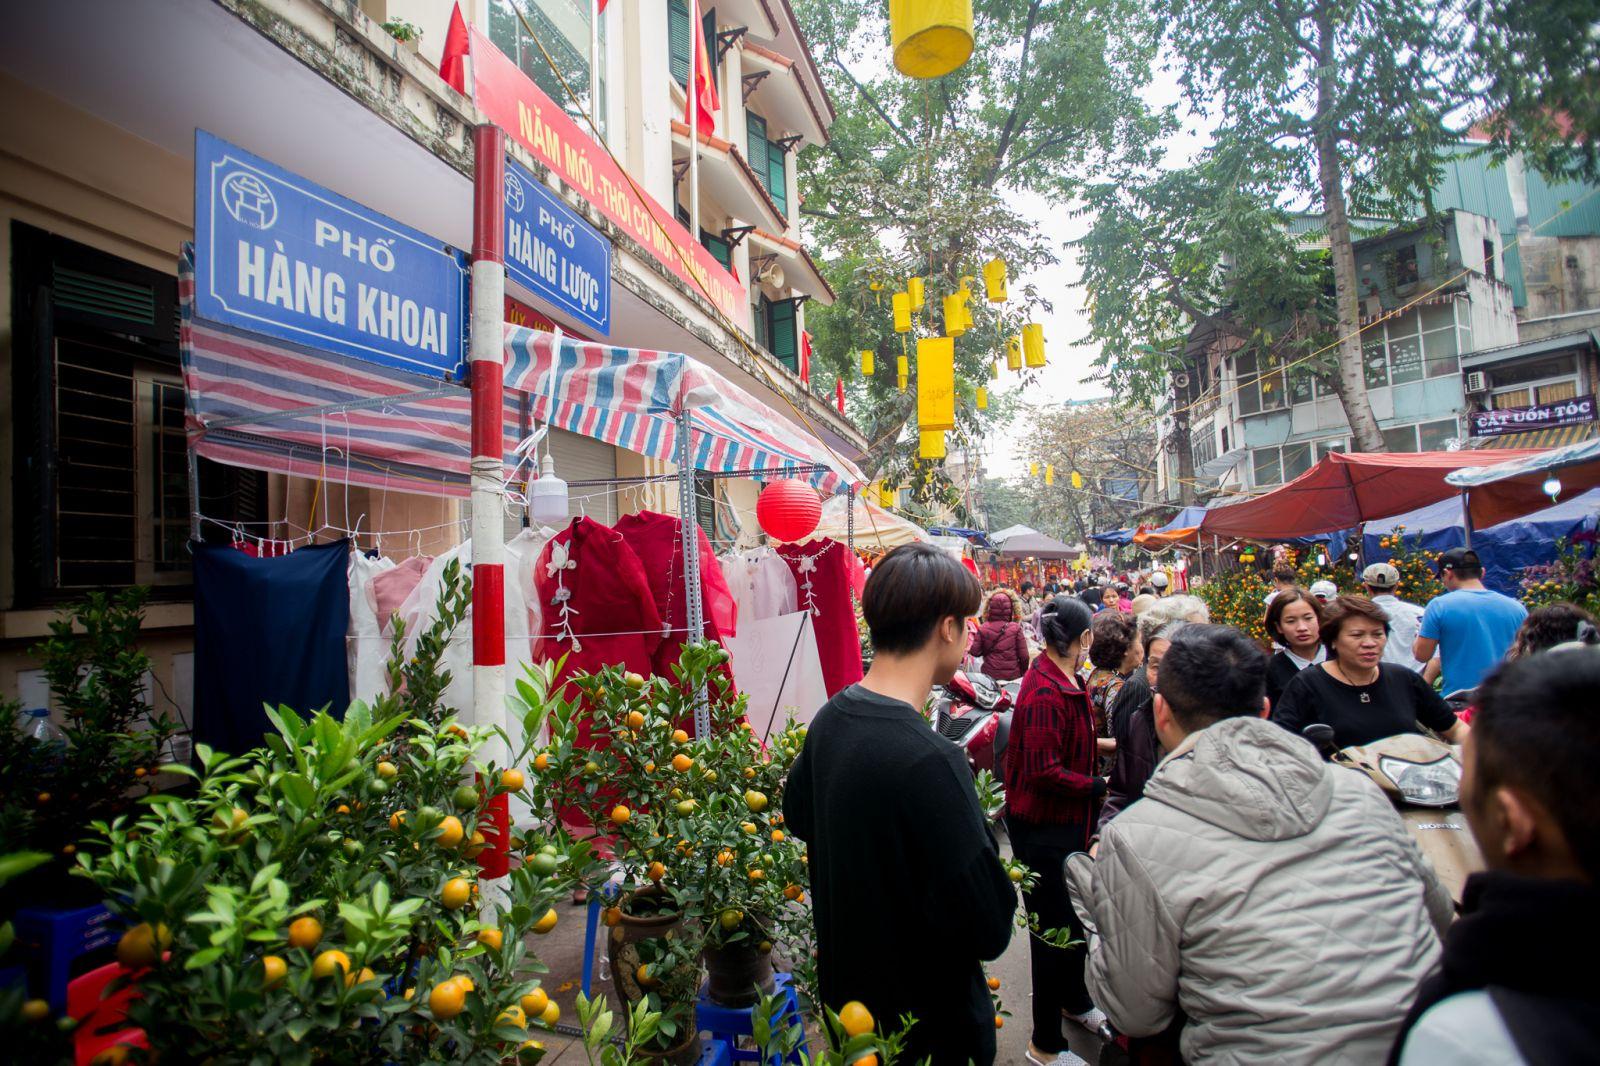 Chợ hoa Hàng Lược là một phần không thể thiếu khi nói đến Tết của người Hà Nội, đặc biệt bởi tính lâu đời và mỗi năm chỉ họp duy nhất một lần.